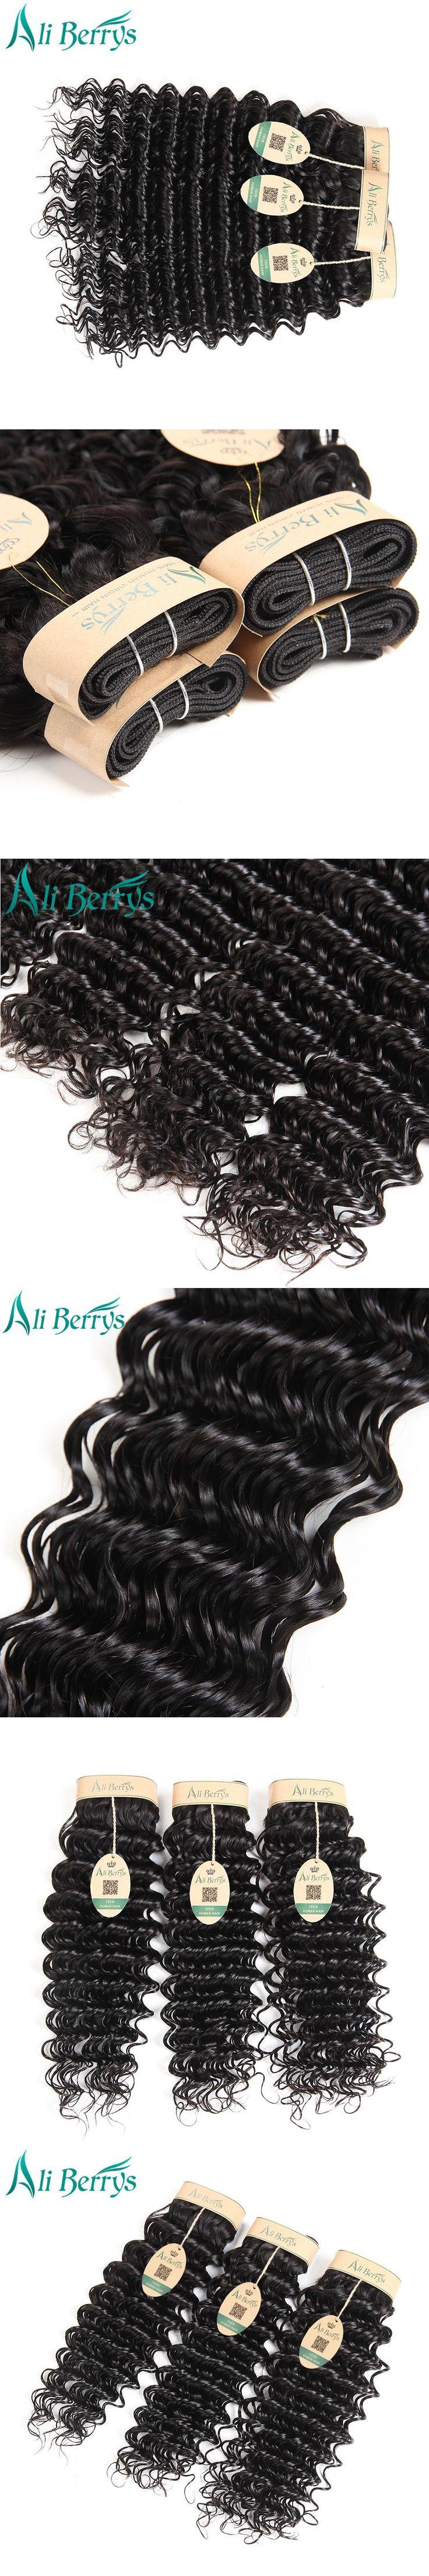 Ali Berrys Deep Wave Malaysian Hair Bundles 8-28 Inches Malaysian Deep Wave Remy Human Hair Weave Bundles Natural Color